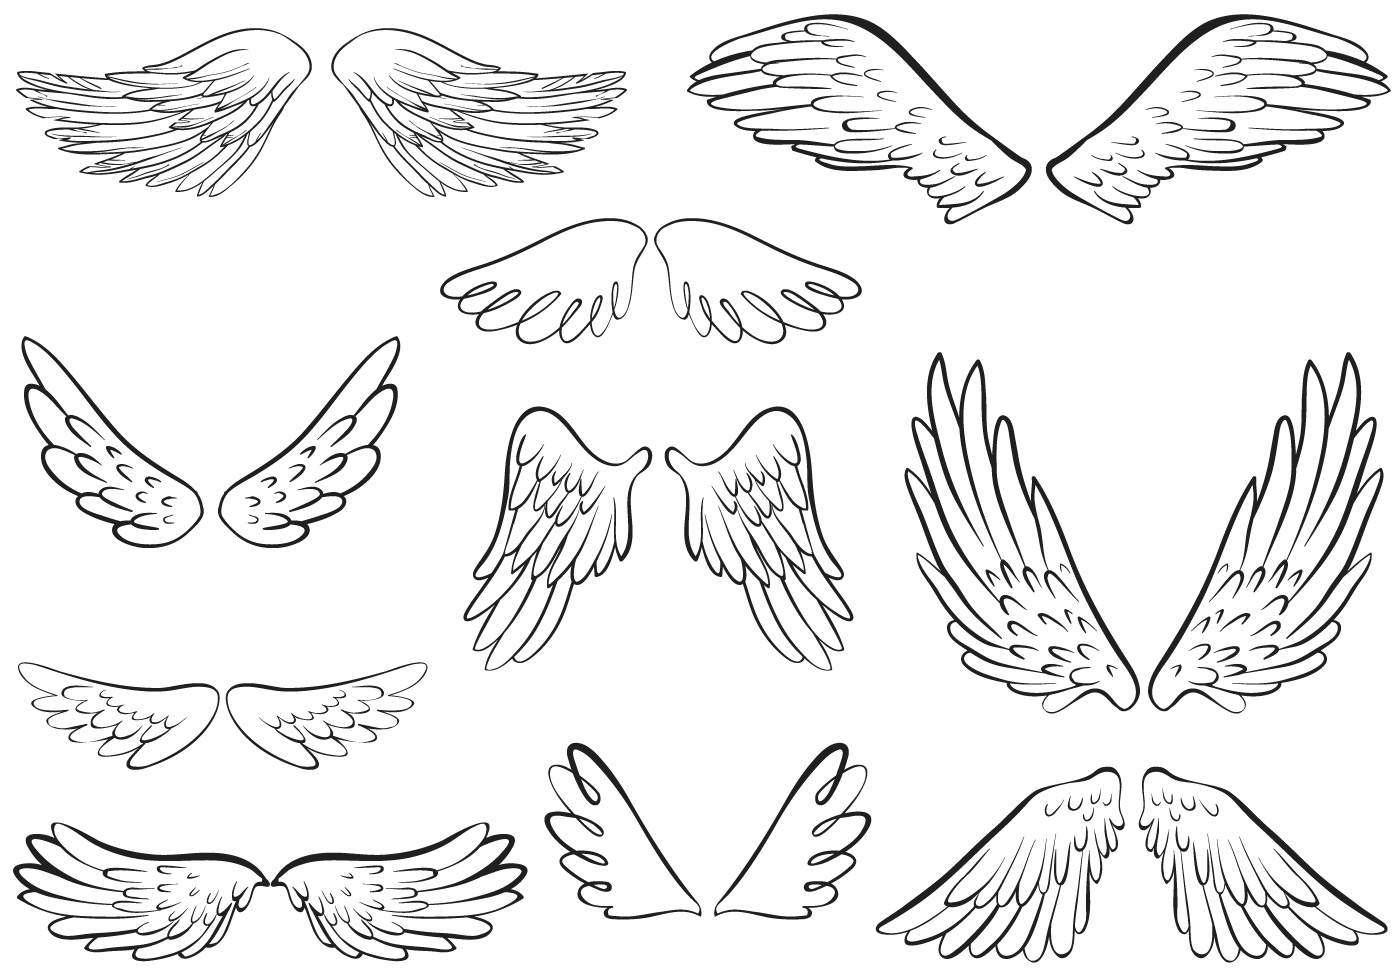 Dessin Ange Realiste vecteurs libres d'anges d'ange - telecharger vectoriel